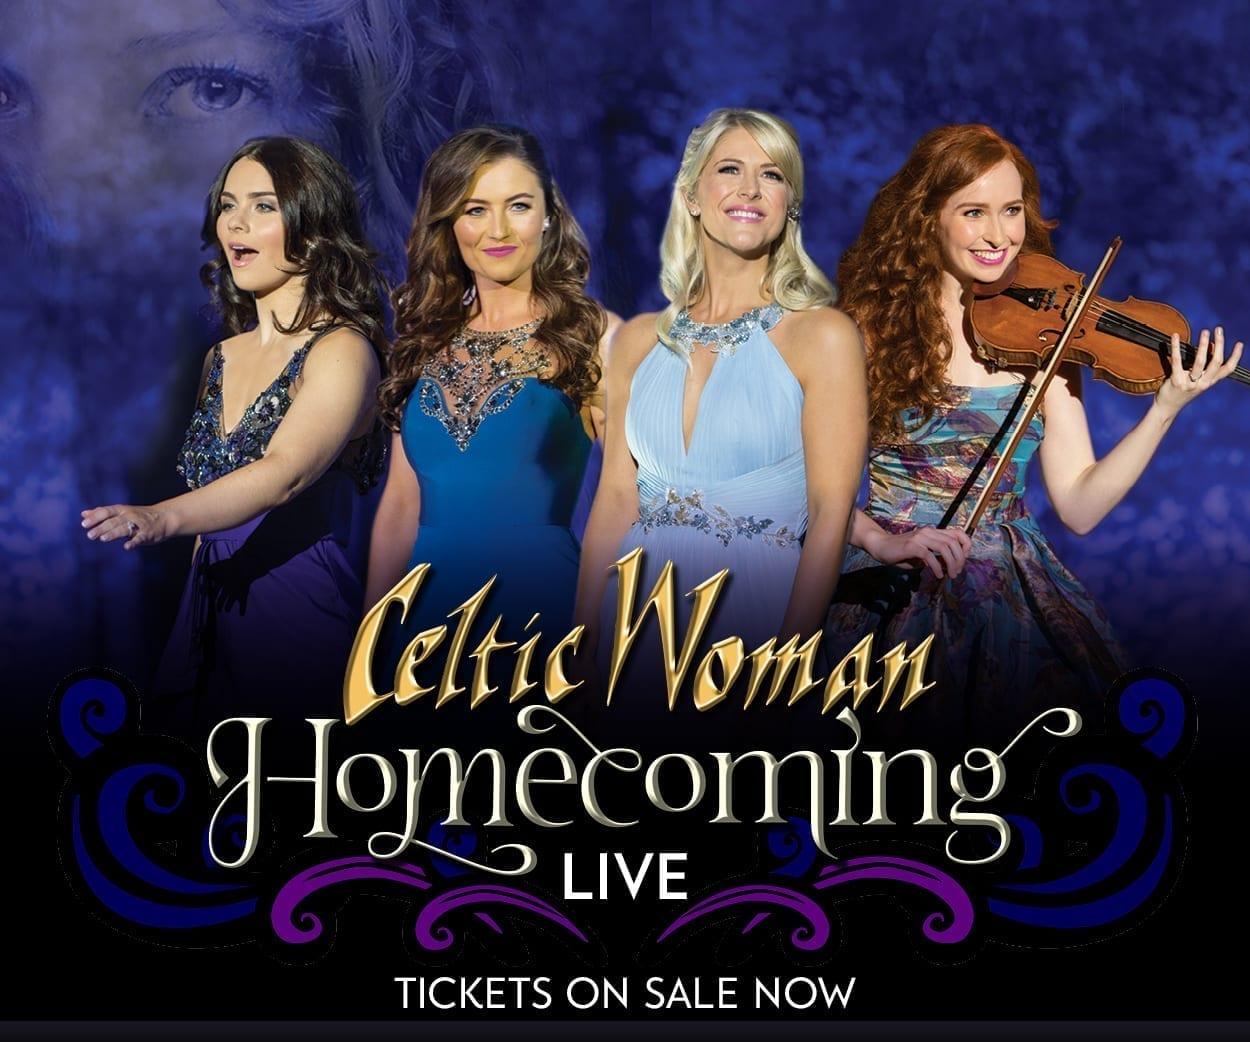 Celtic Woman Uk Tour Reviews